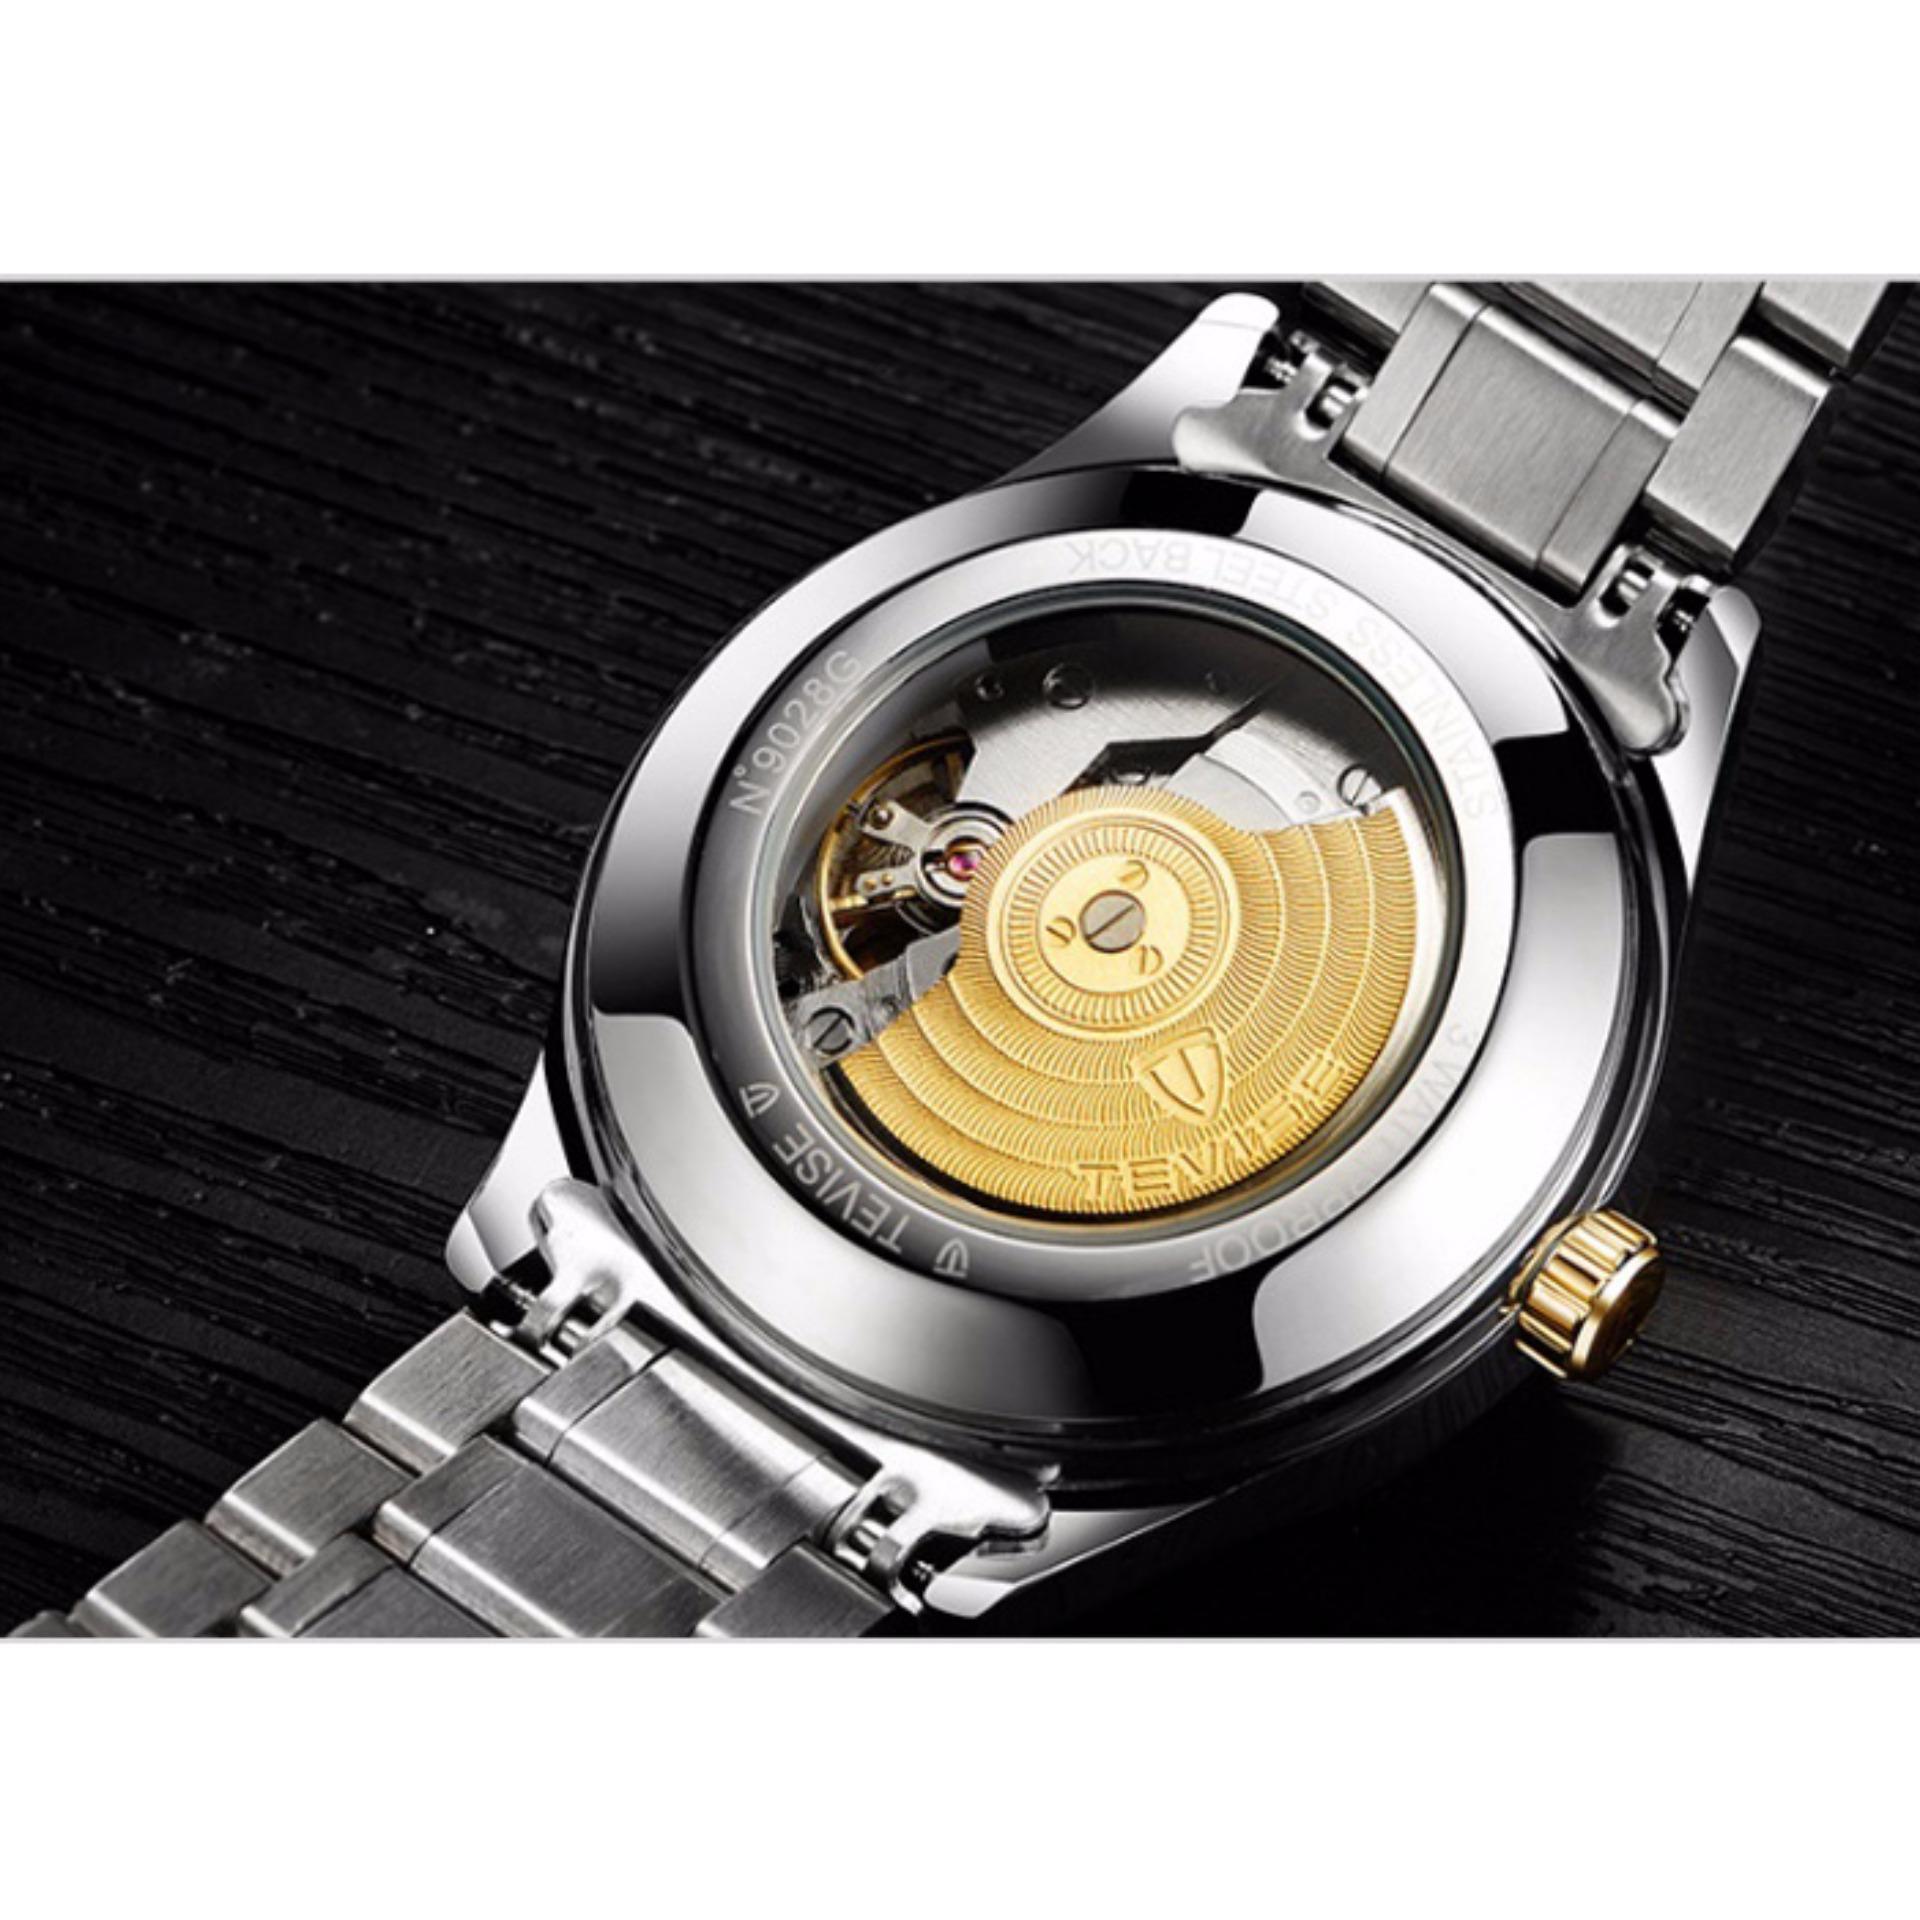 Đồng hồ cơ nam Tevise đính đá máy tự động (M Xanh)